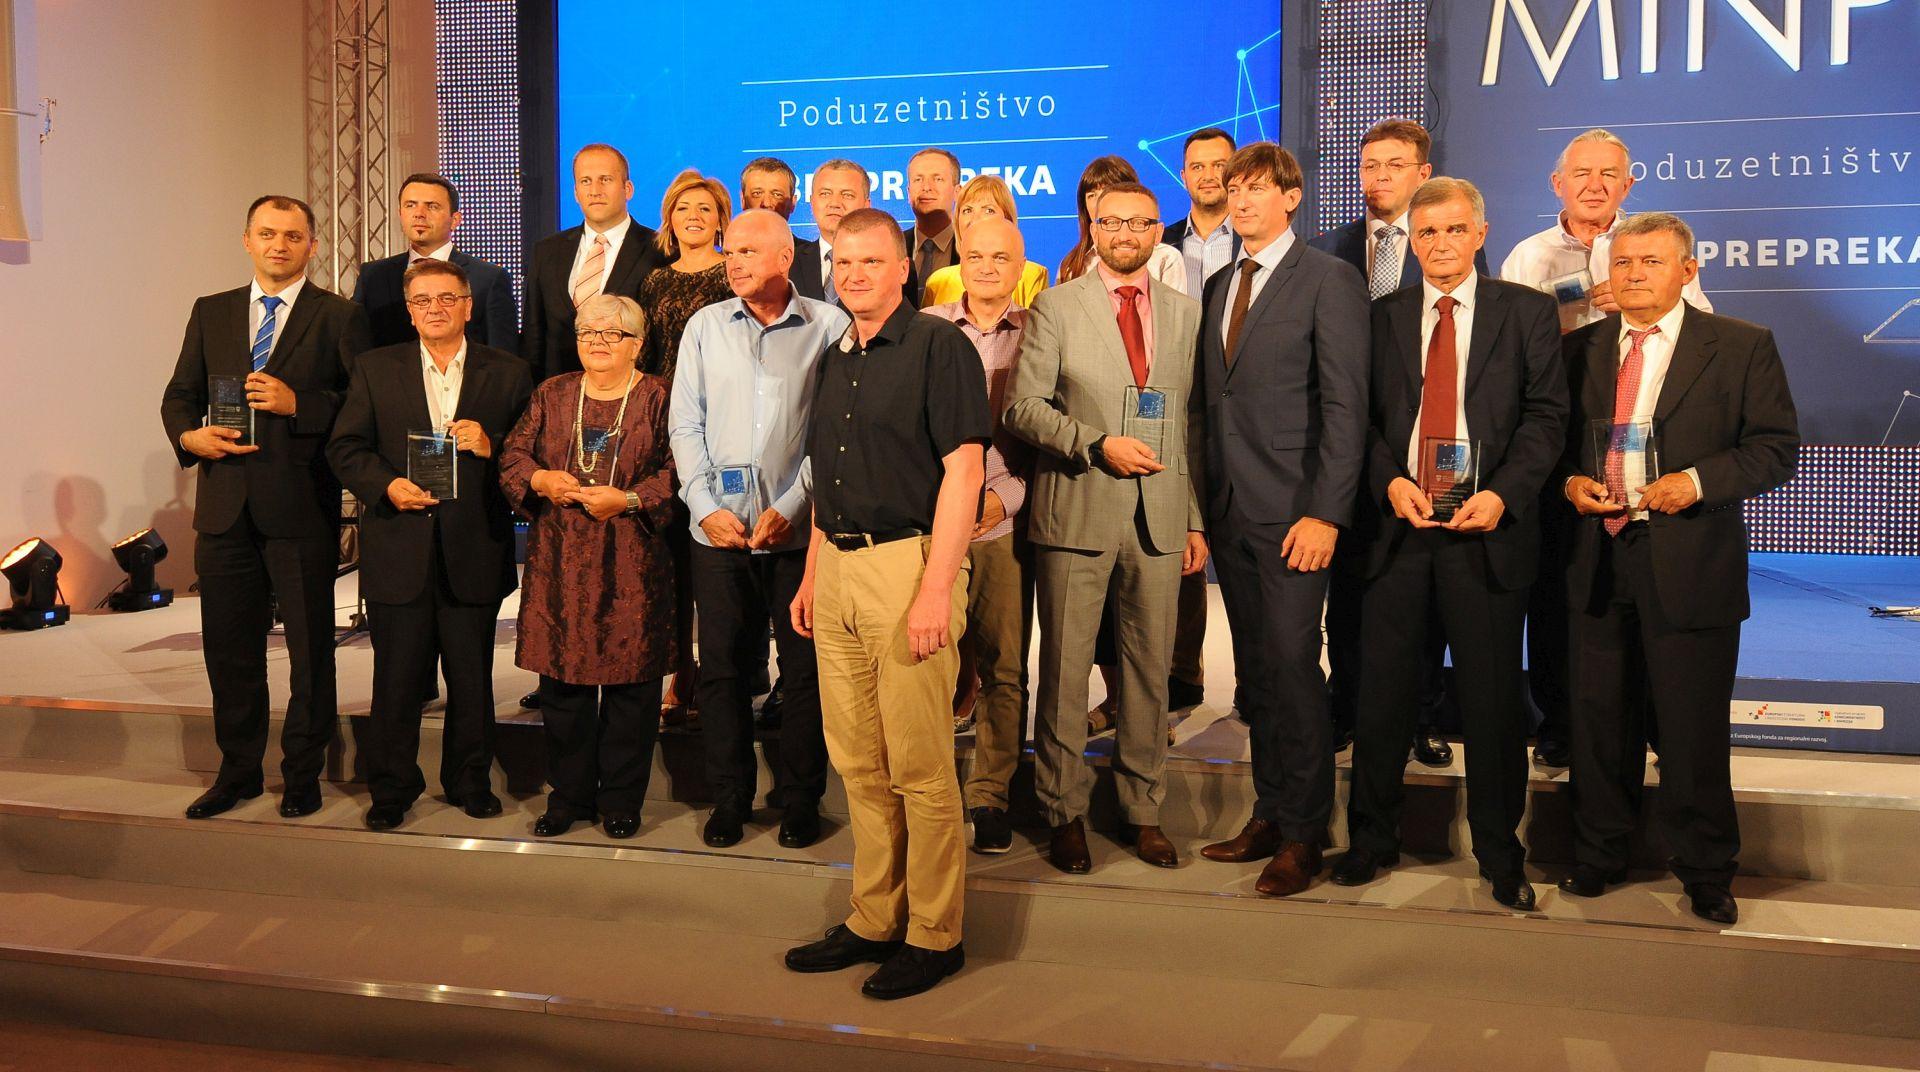 DEVET KATEGORIJA: Dodijeljene nagrade najboljim poduzetnicima u Hrvatskoj za 2015.